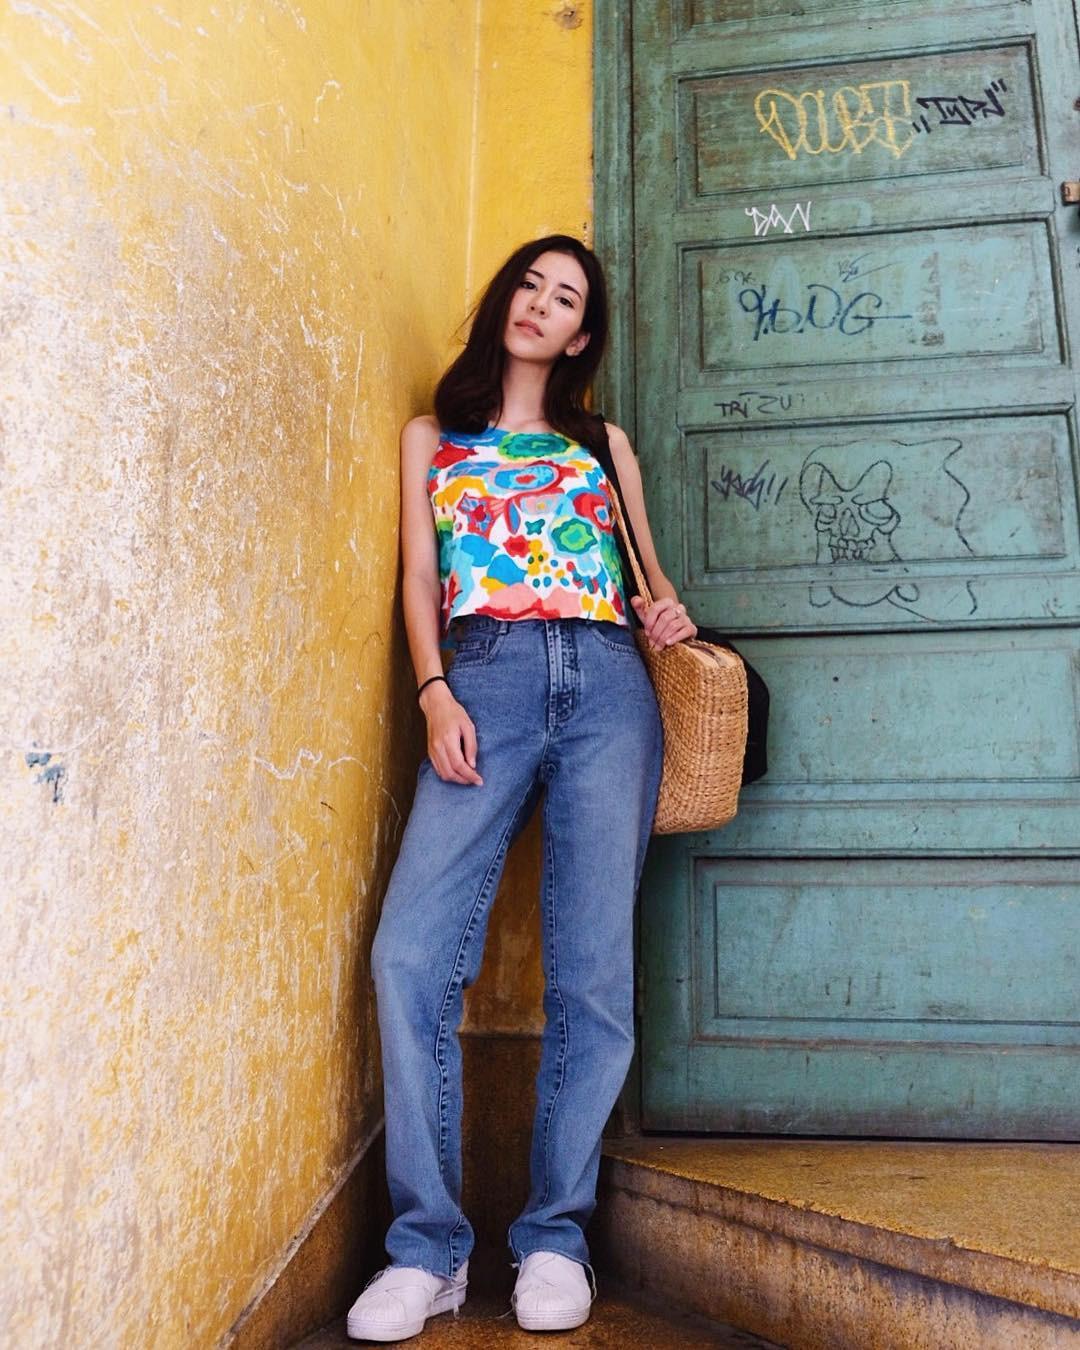 19 chiêu mix&match chất lừ với quần jeans ống rộng, cứ mặc lên là cao thêm cả chục phân chứ chẳng ít - Ảnh 10.